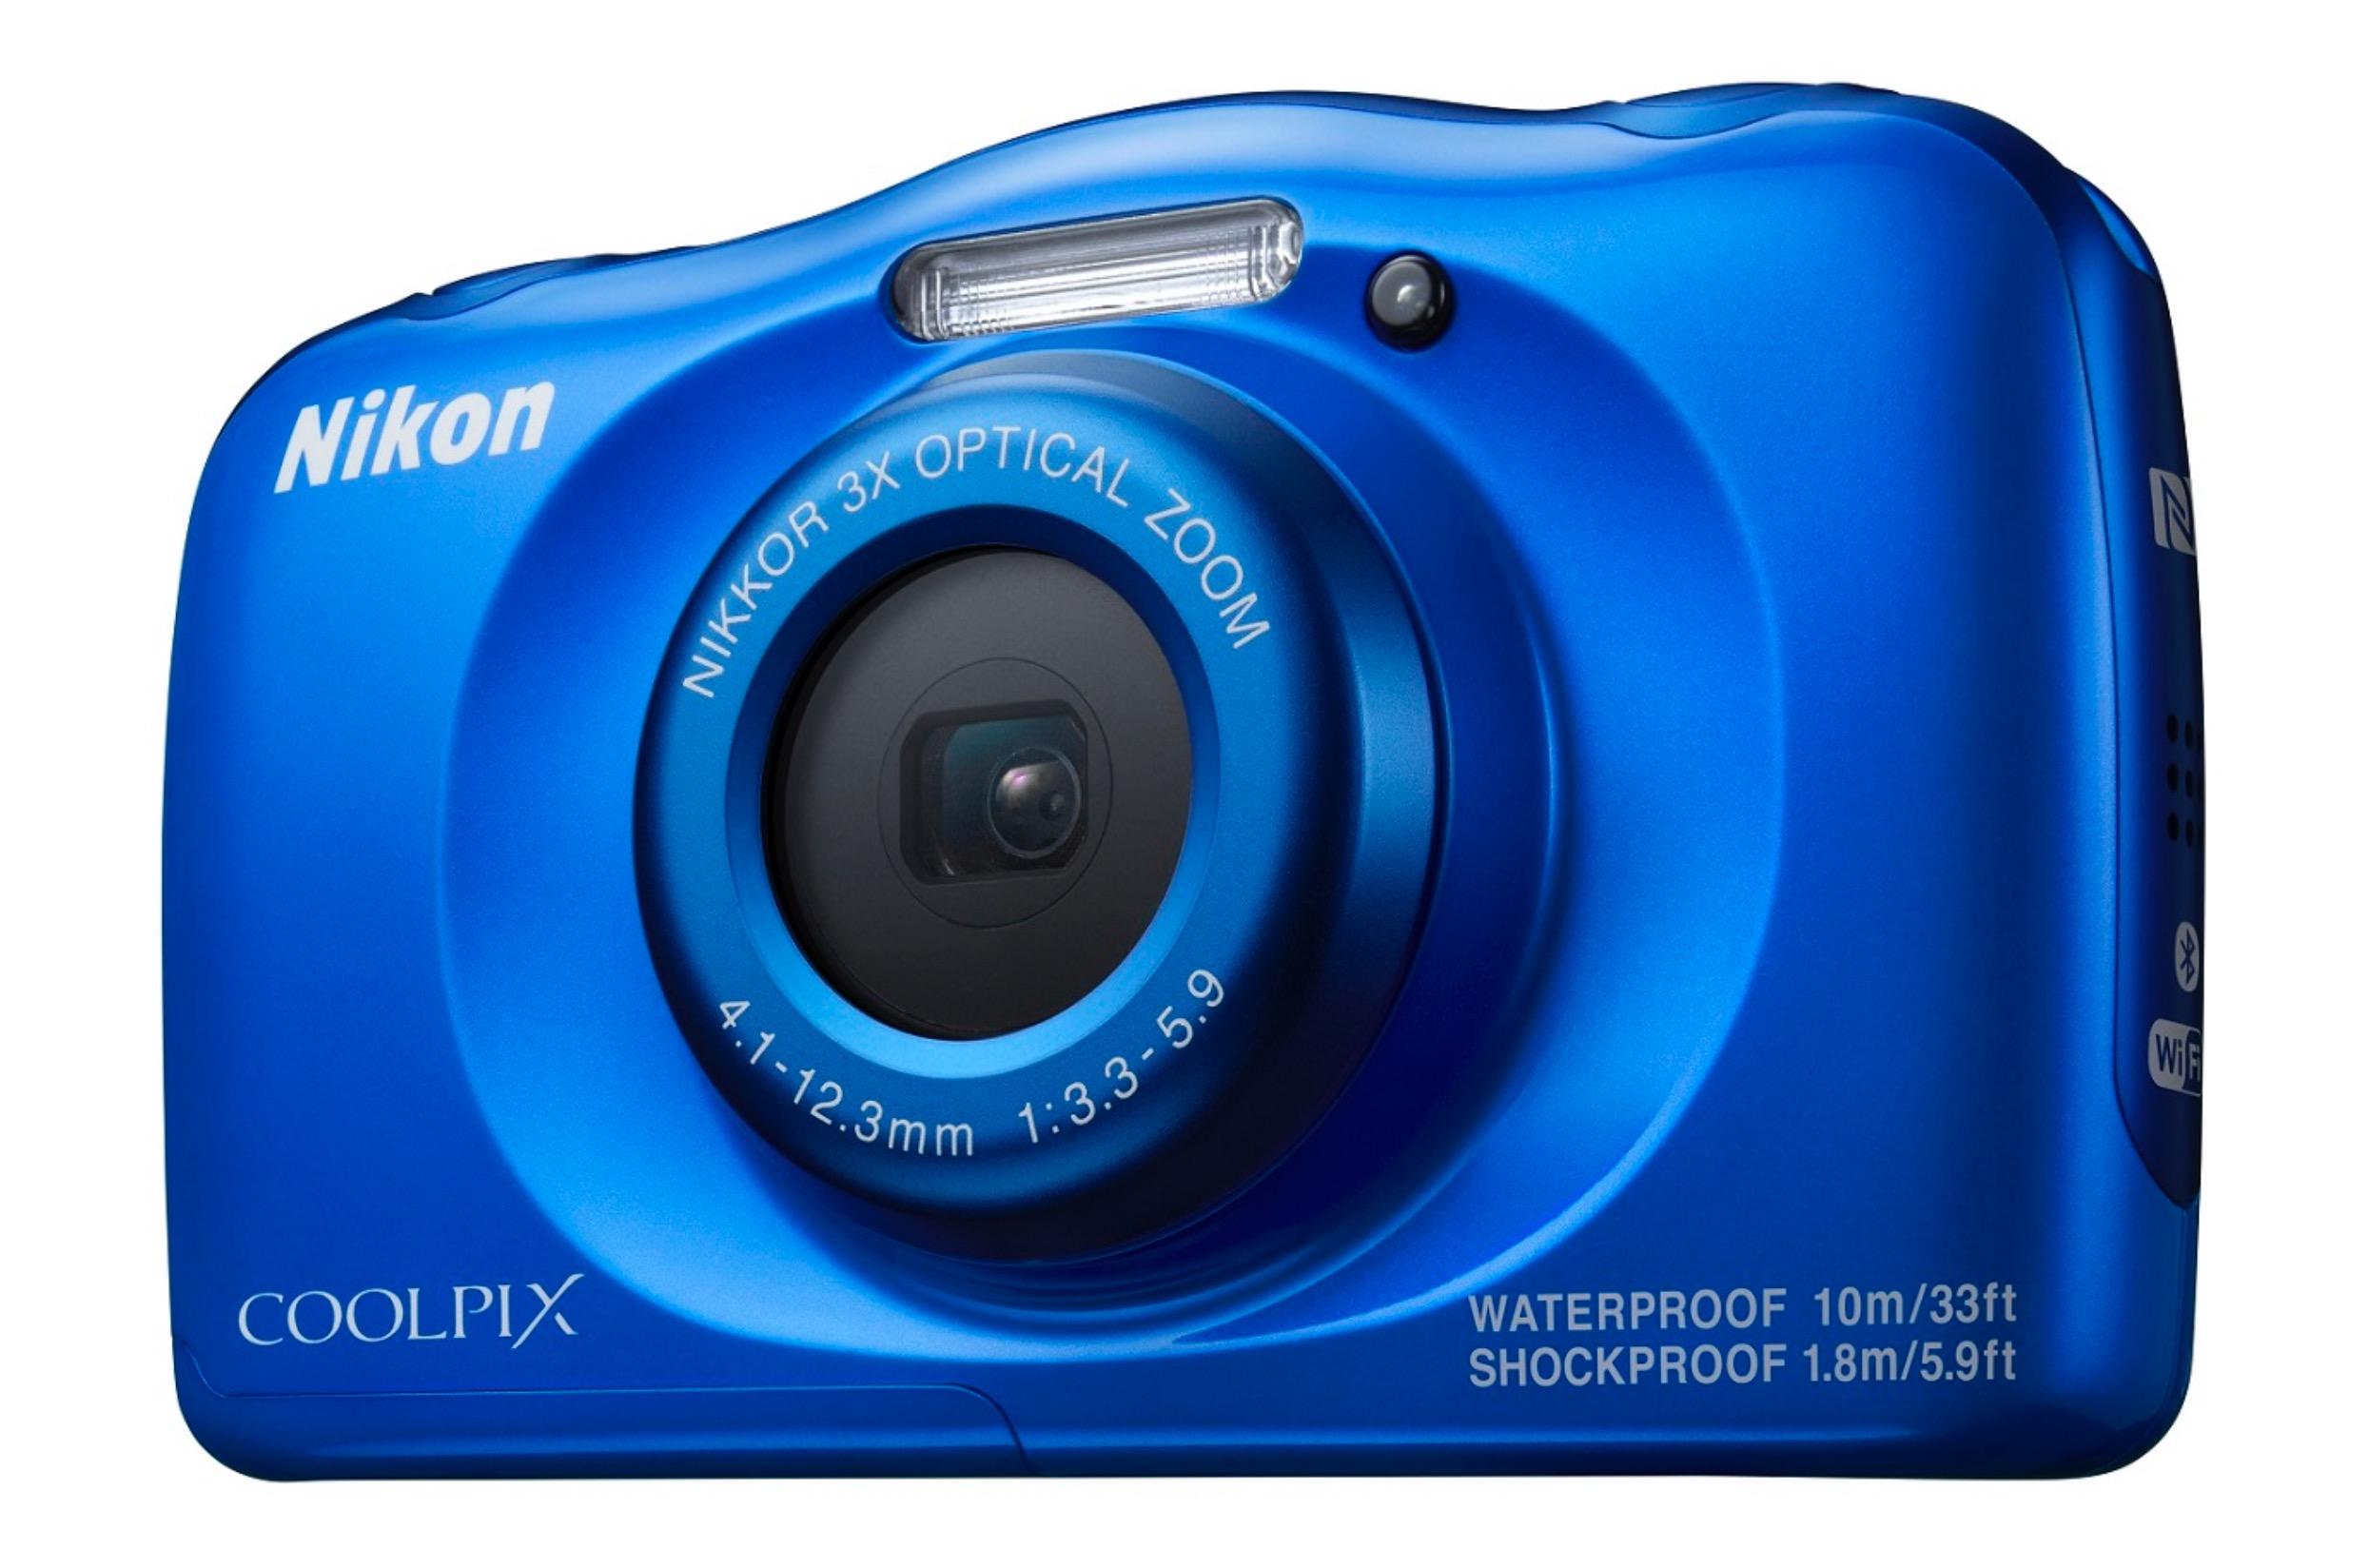 Nikon Coolpix W100 caratteristiche tecniche